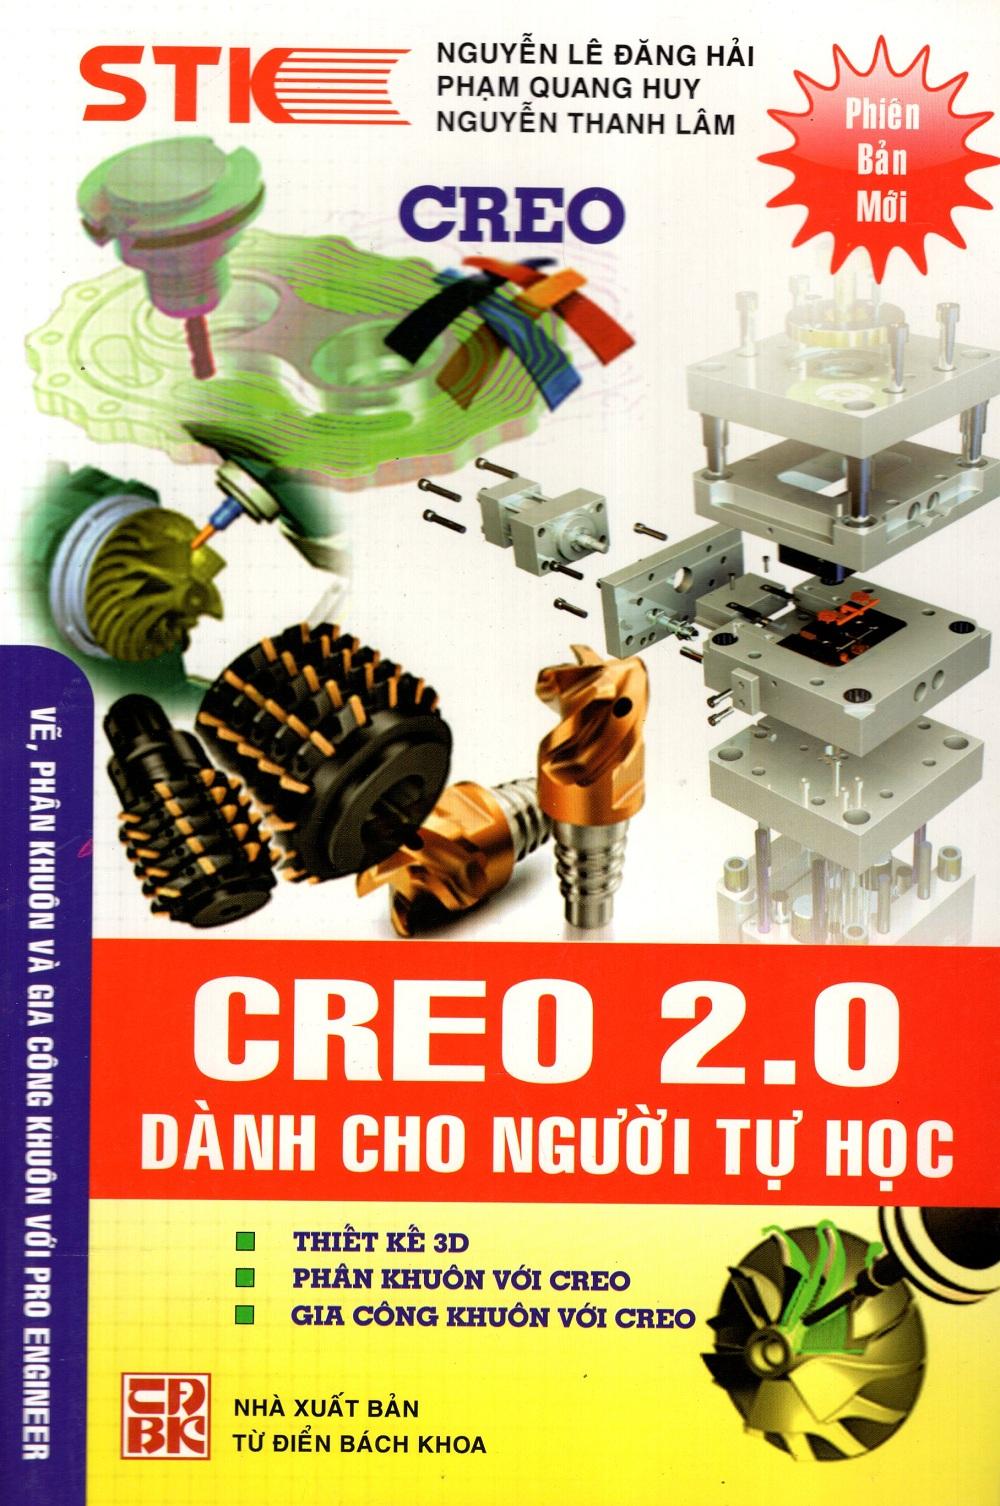 Creo 2.0 Dành Cho Người Tự Học